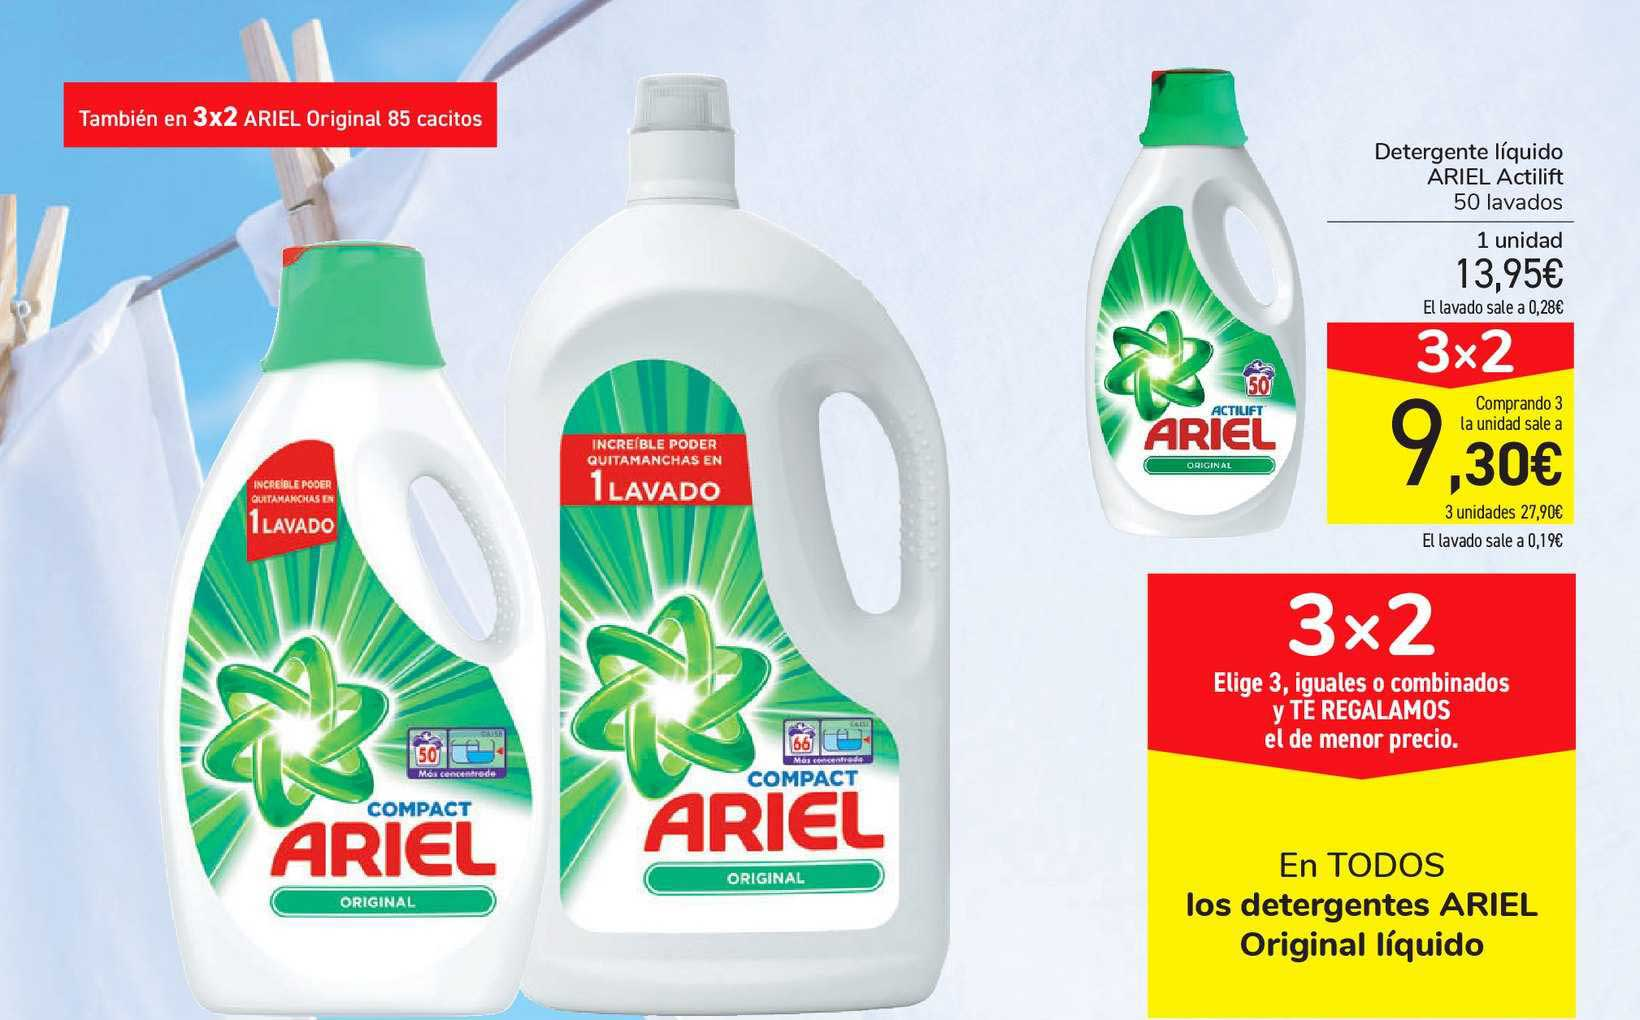 Carrefour Market 3x2 En TODOS Los Detergentes ARIEL Original Líquido